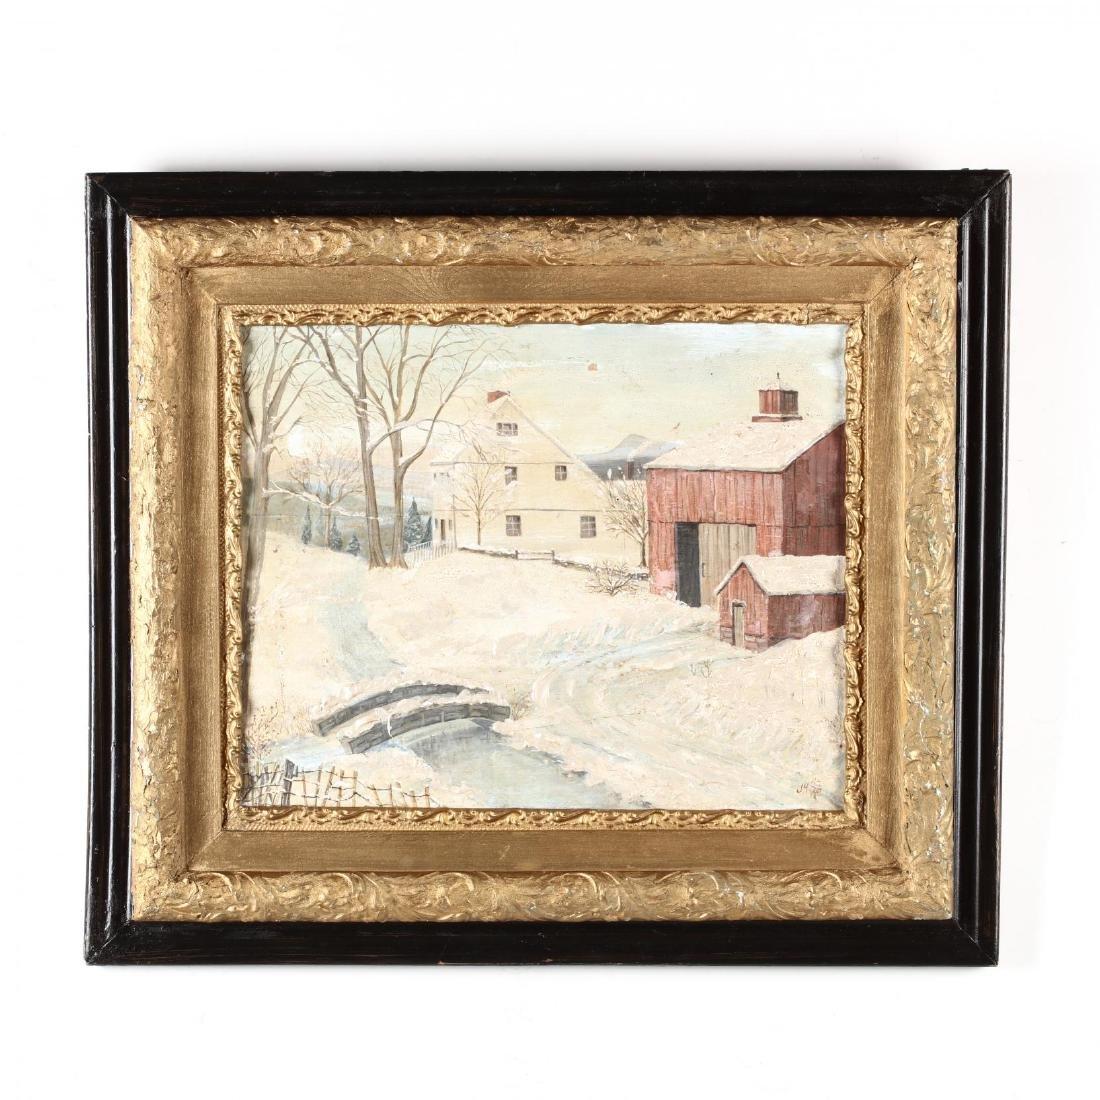 A Folky Winter Scene